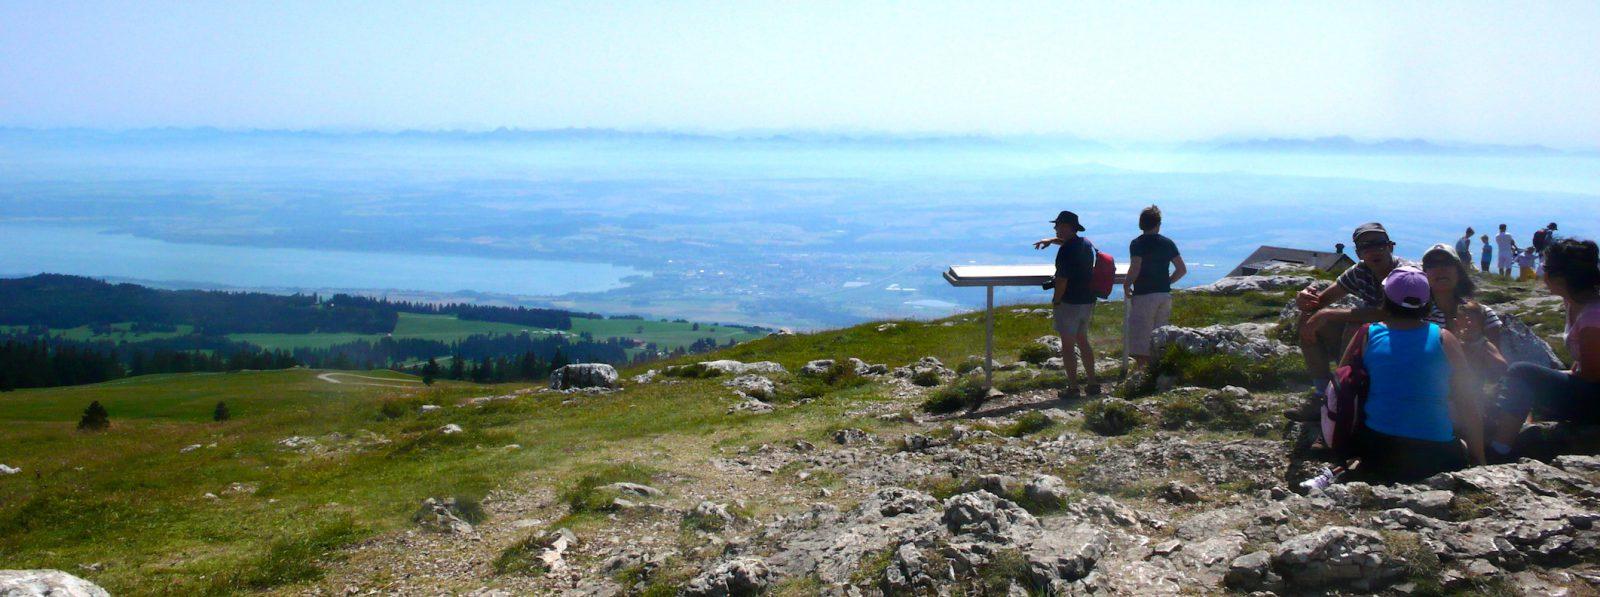 Vue sur le plateau suisse, le lac de Neuchâtel du sommet du Chasseron. Au loin, les Alpes valaisannes